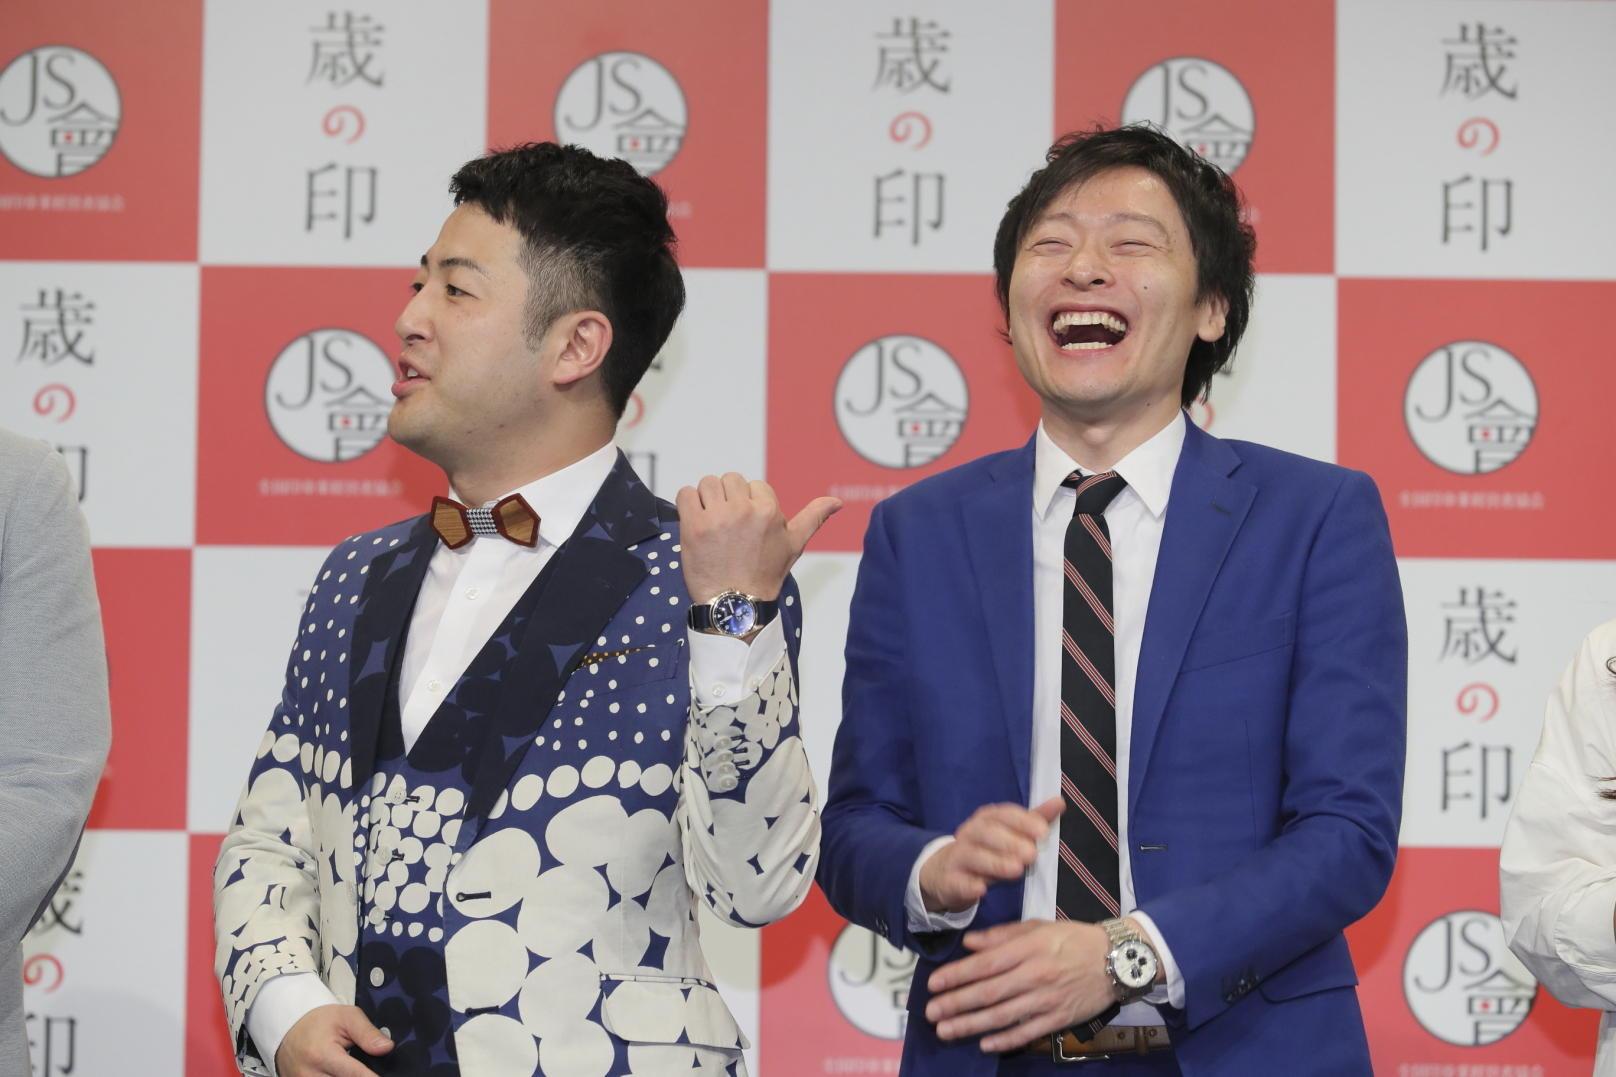 http://news.yoshimoto.co.jp/20171204171844-9e27b258c1c8f6a3857a7846024dfe63ec3c5368.jpg